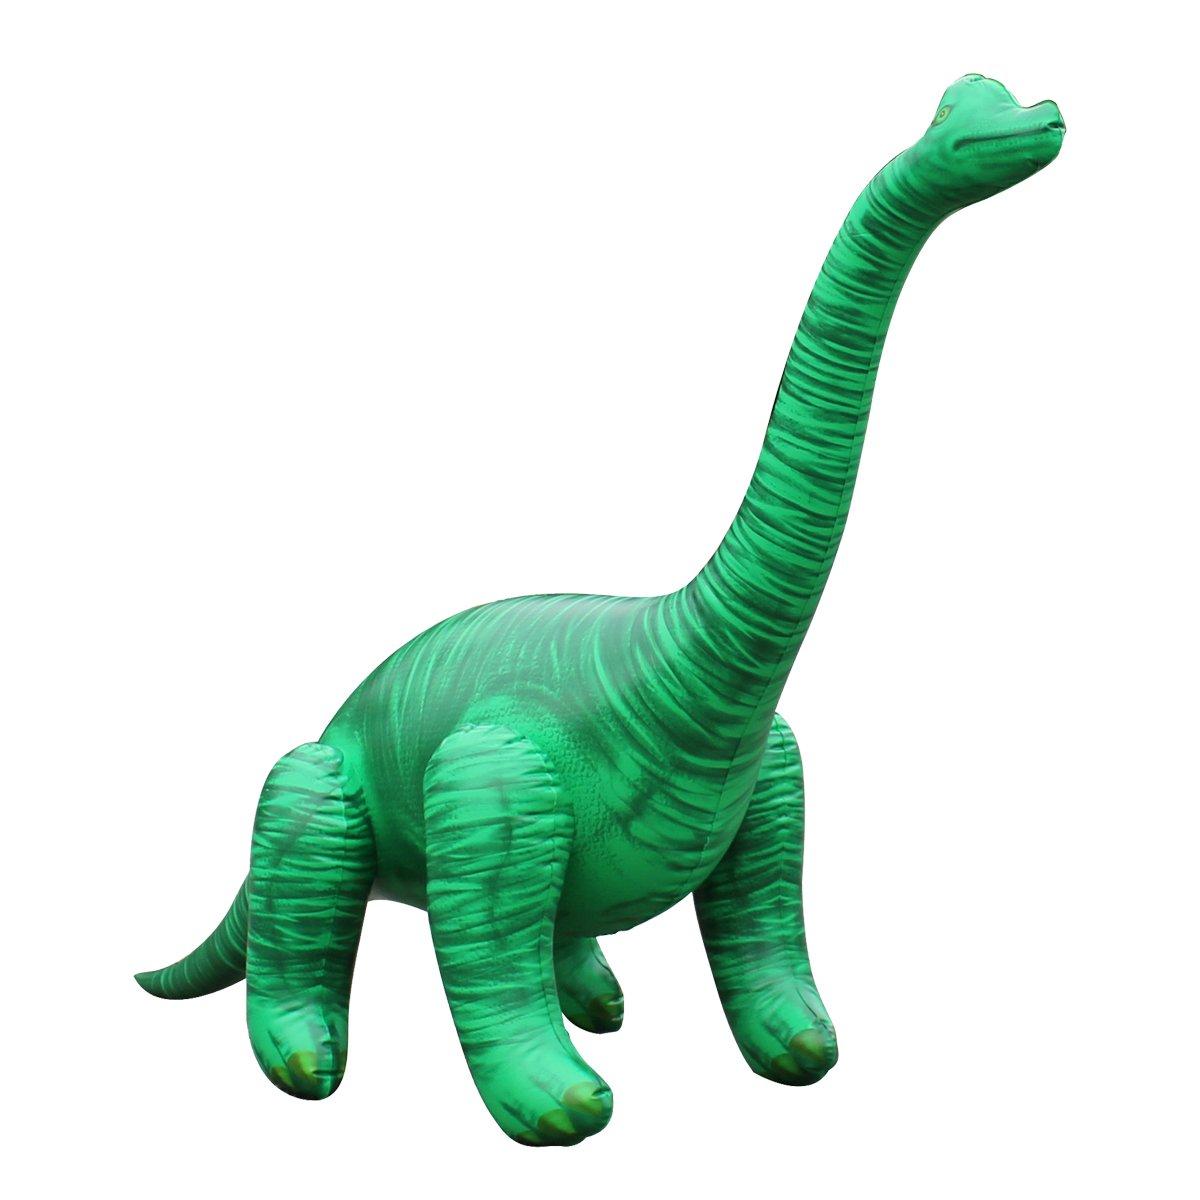 공룡기 브라키오사우루스 튜브 공룡 풍선 대형 122cm, 그린, 1개